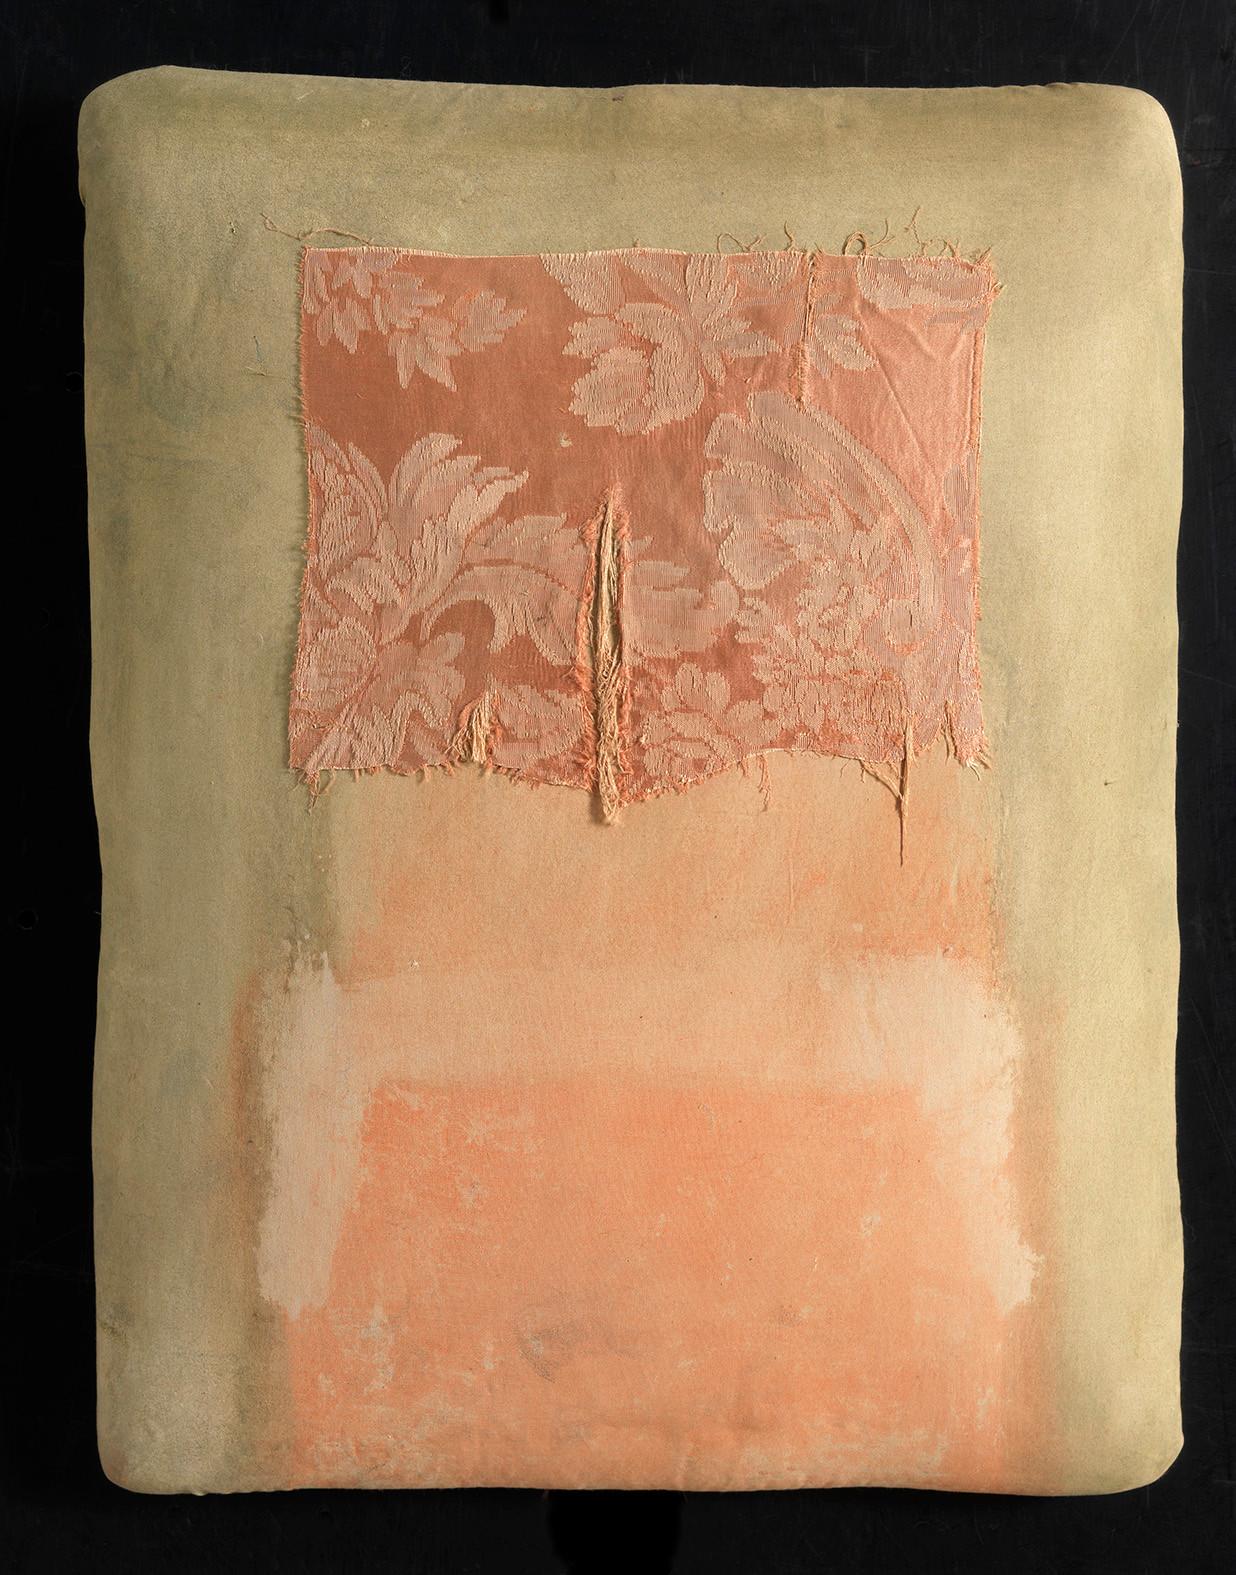 Senza titolo, 2014, stoffa olio su carta su tela, cm 47 x 36,4